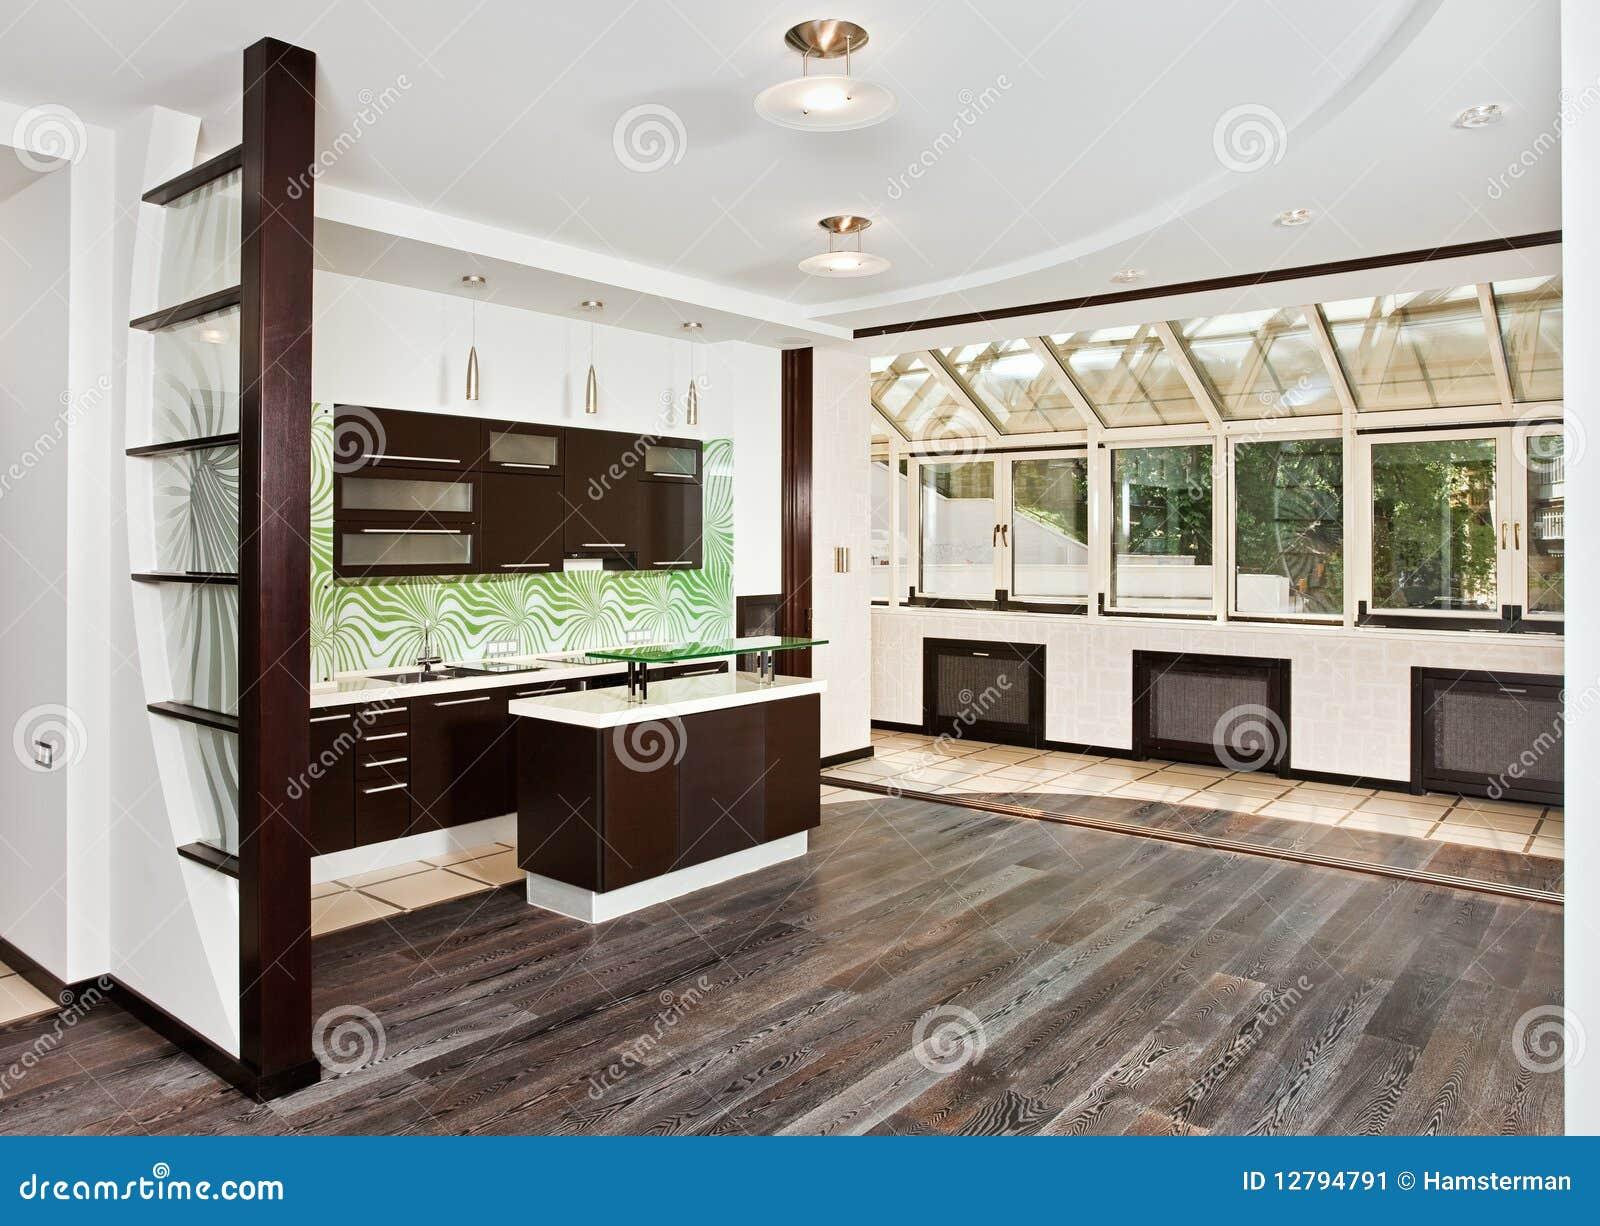 Küche Dunkler Fußboden ~ Moderner salon und küche mit dunklem fußboden stockbild bild von